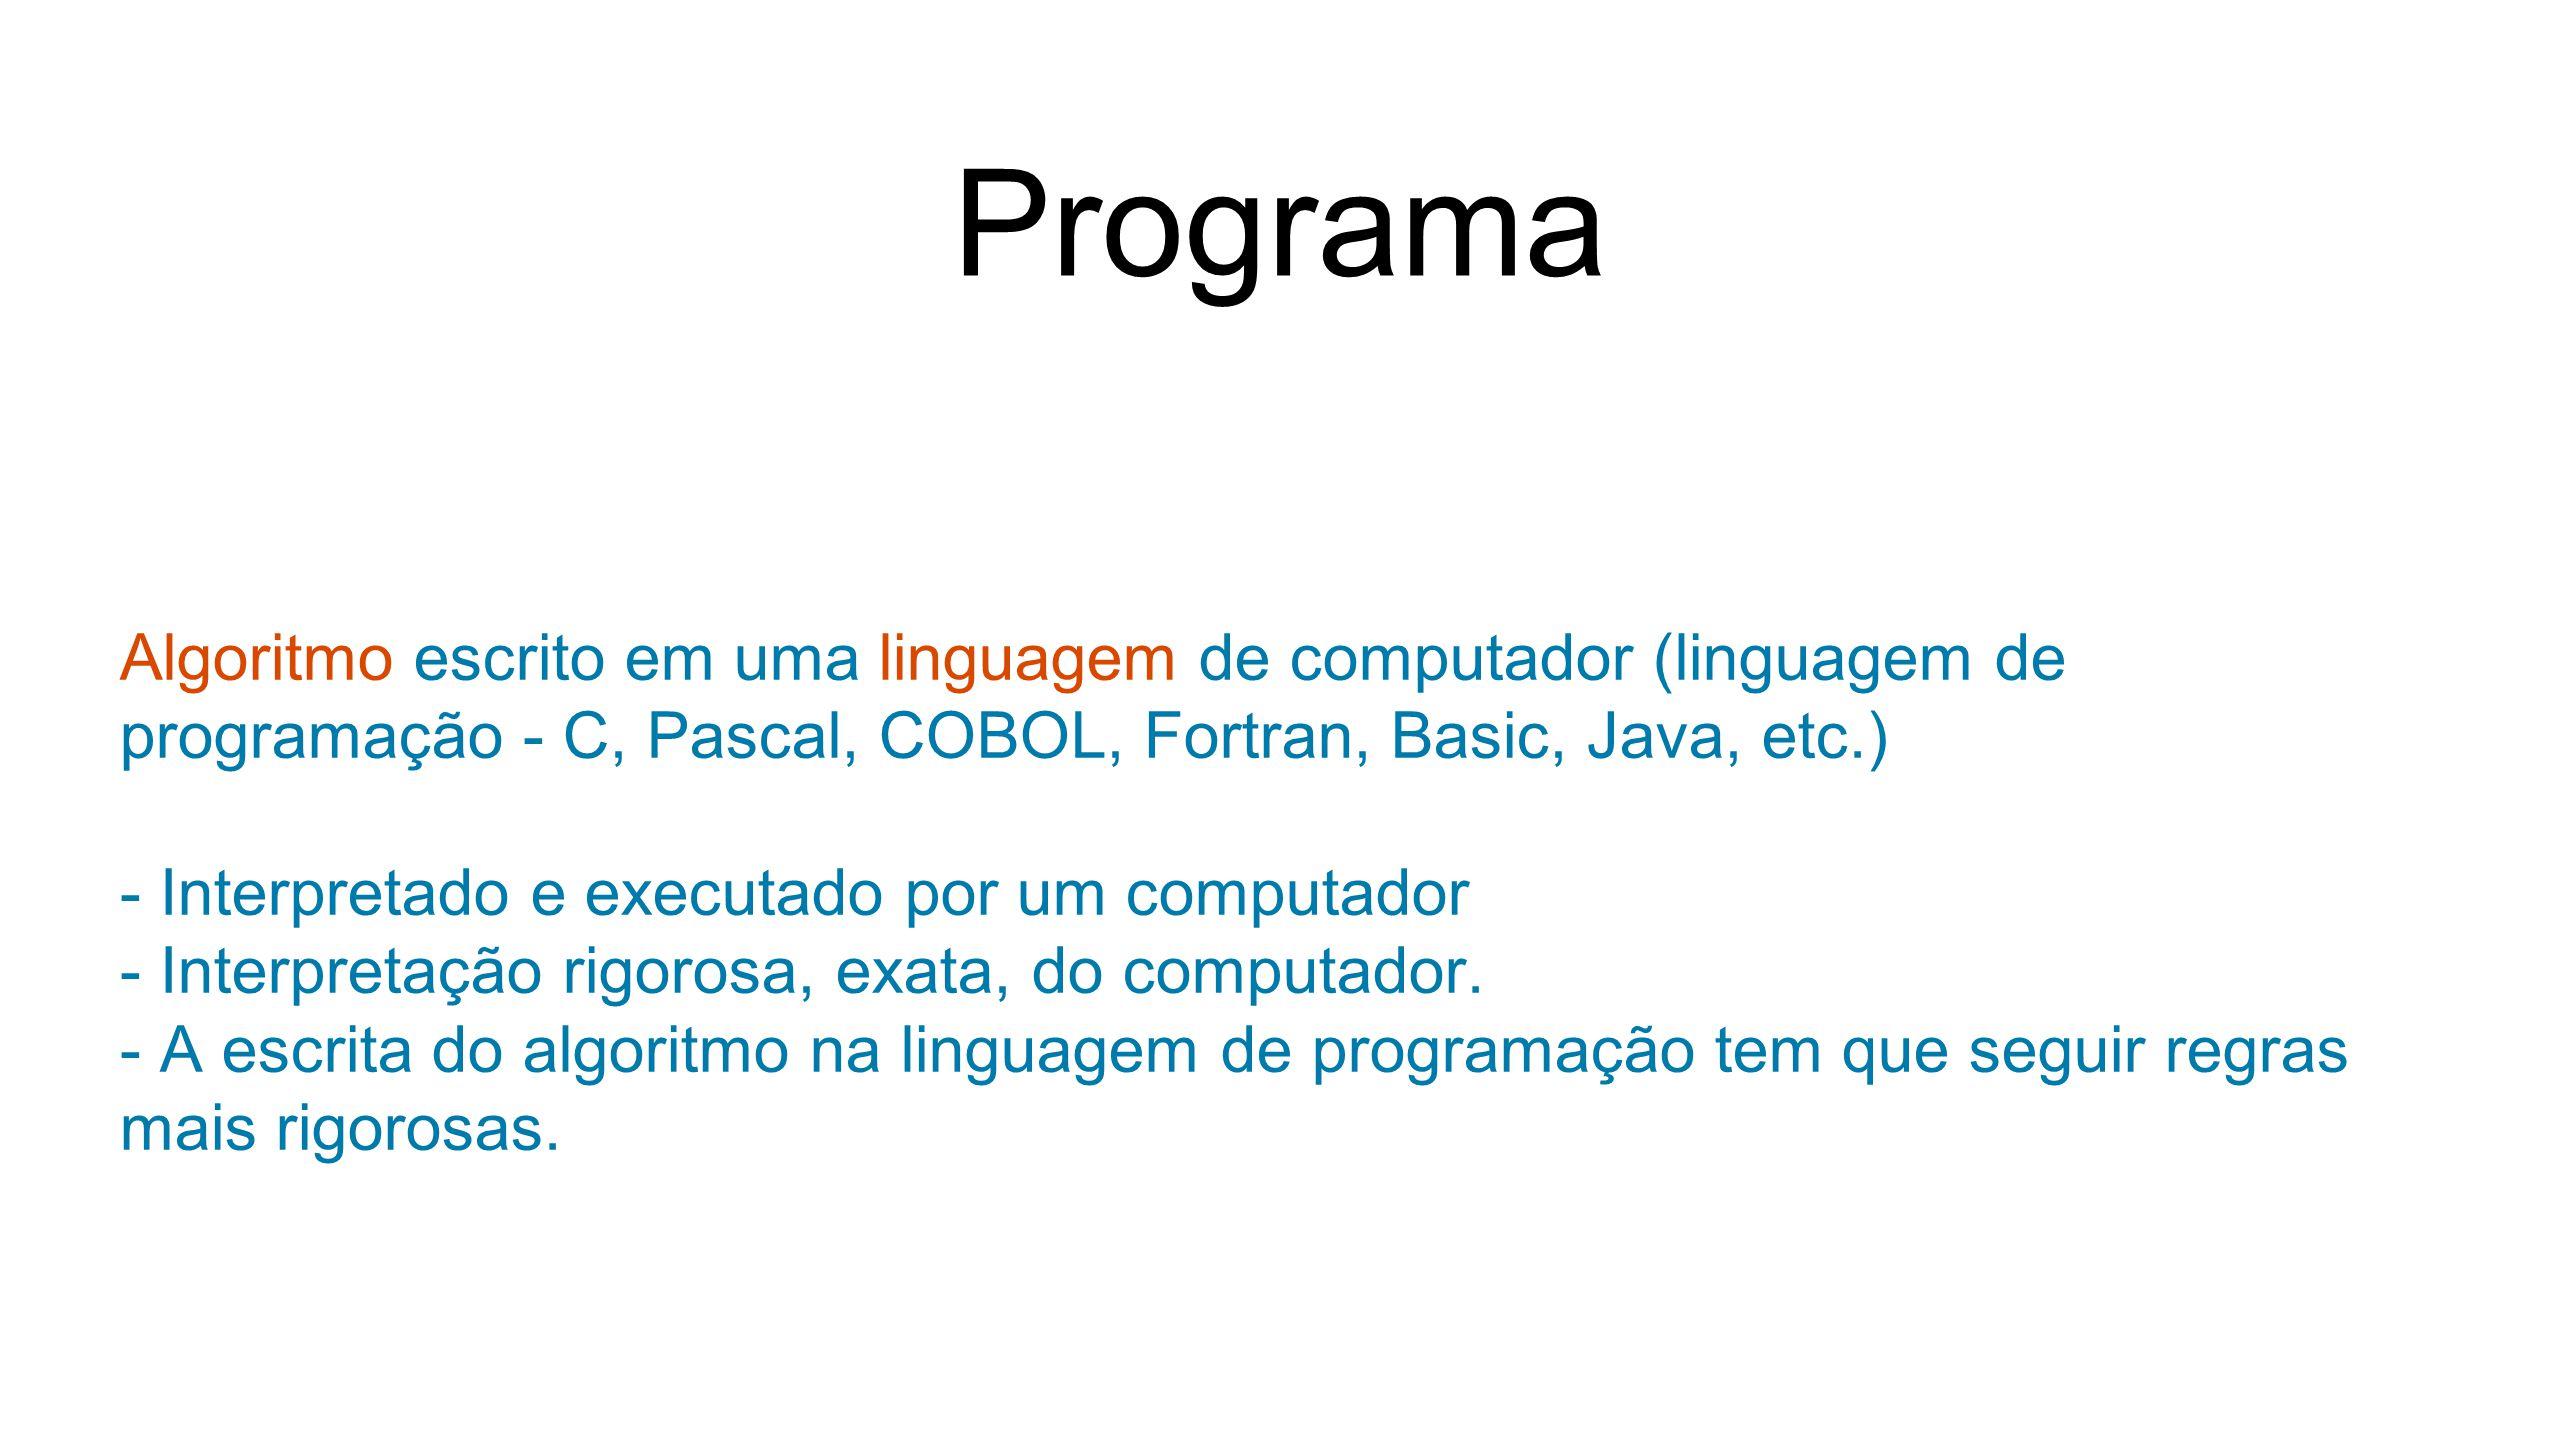 Programa Algoritmo escrito em uma linguagem de computador (linguagem de programação - C, Pascal, COBOL, Fortran, Basic, Java, etc.) - Interpretado e executado por um computador - Interpretação rigorosa, exata, do computador.